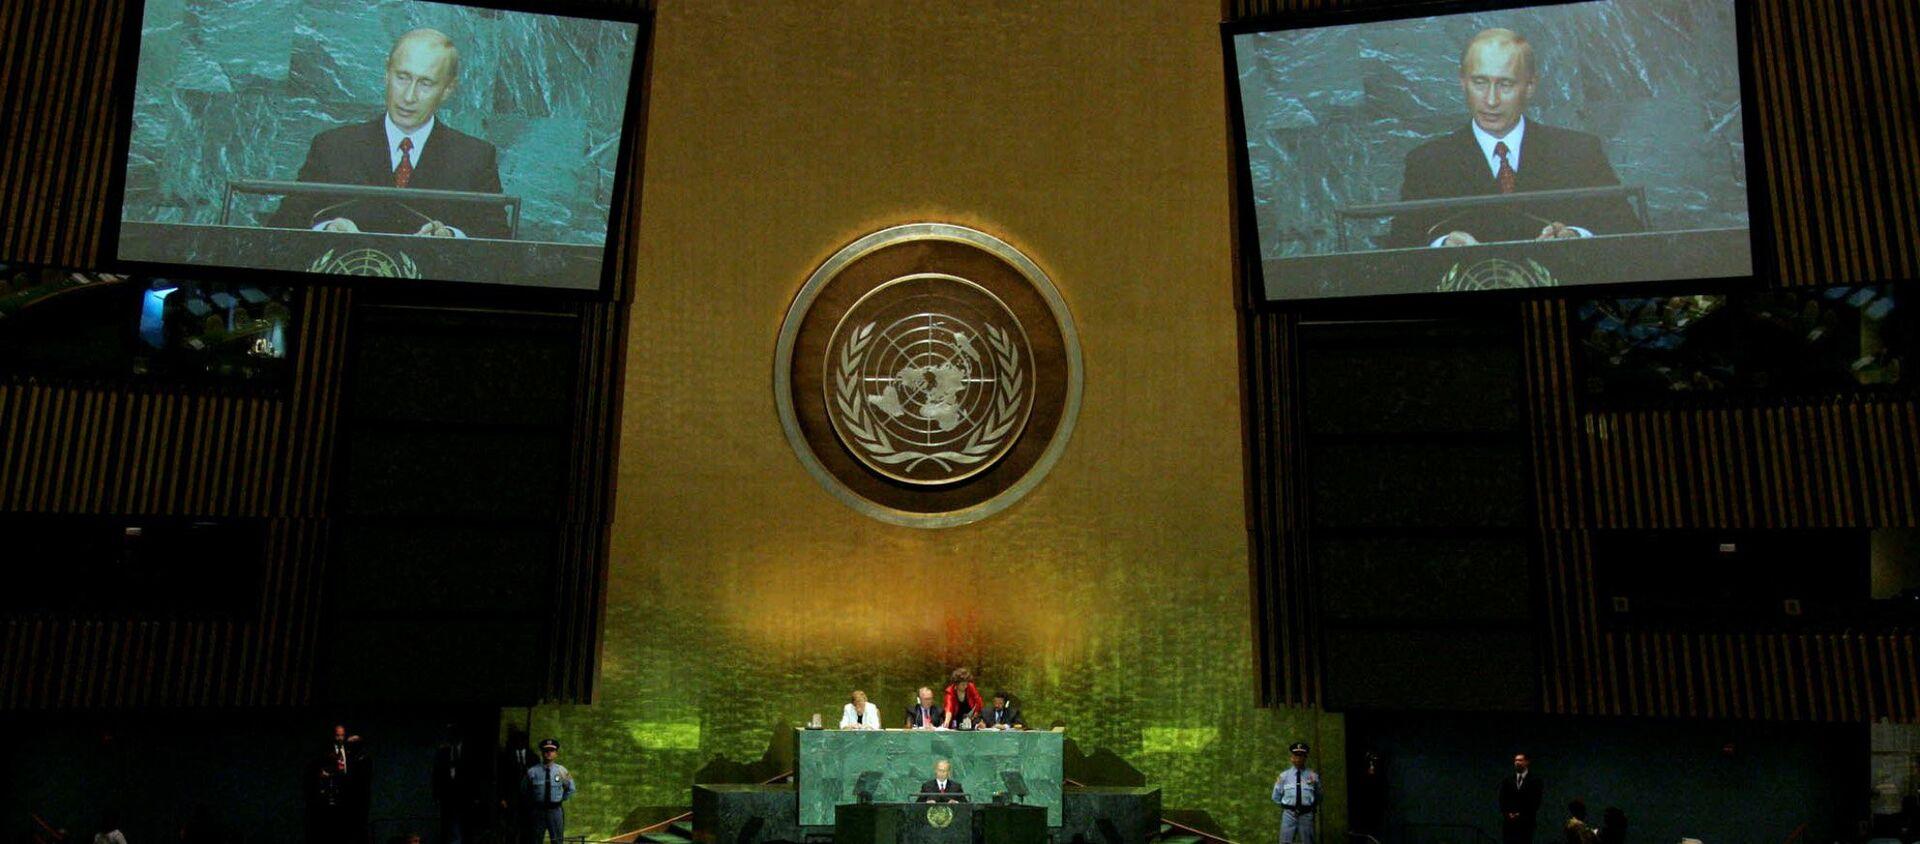 Przemówienie Władimira Putina na 60. sesji Zgromadzenia Ogólnego ONZ - Sputnik Polska, 1920, 03.06.2021